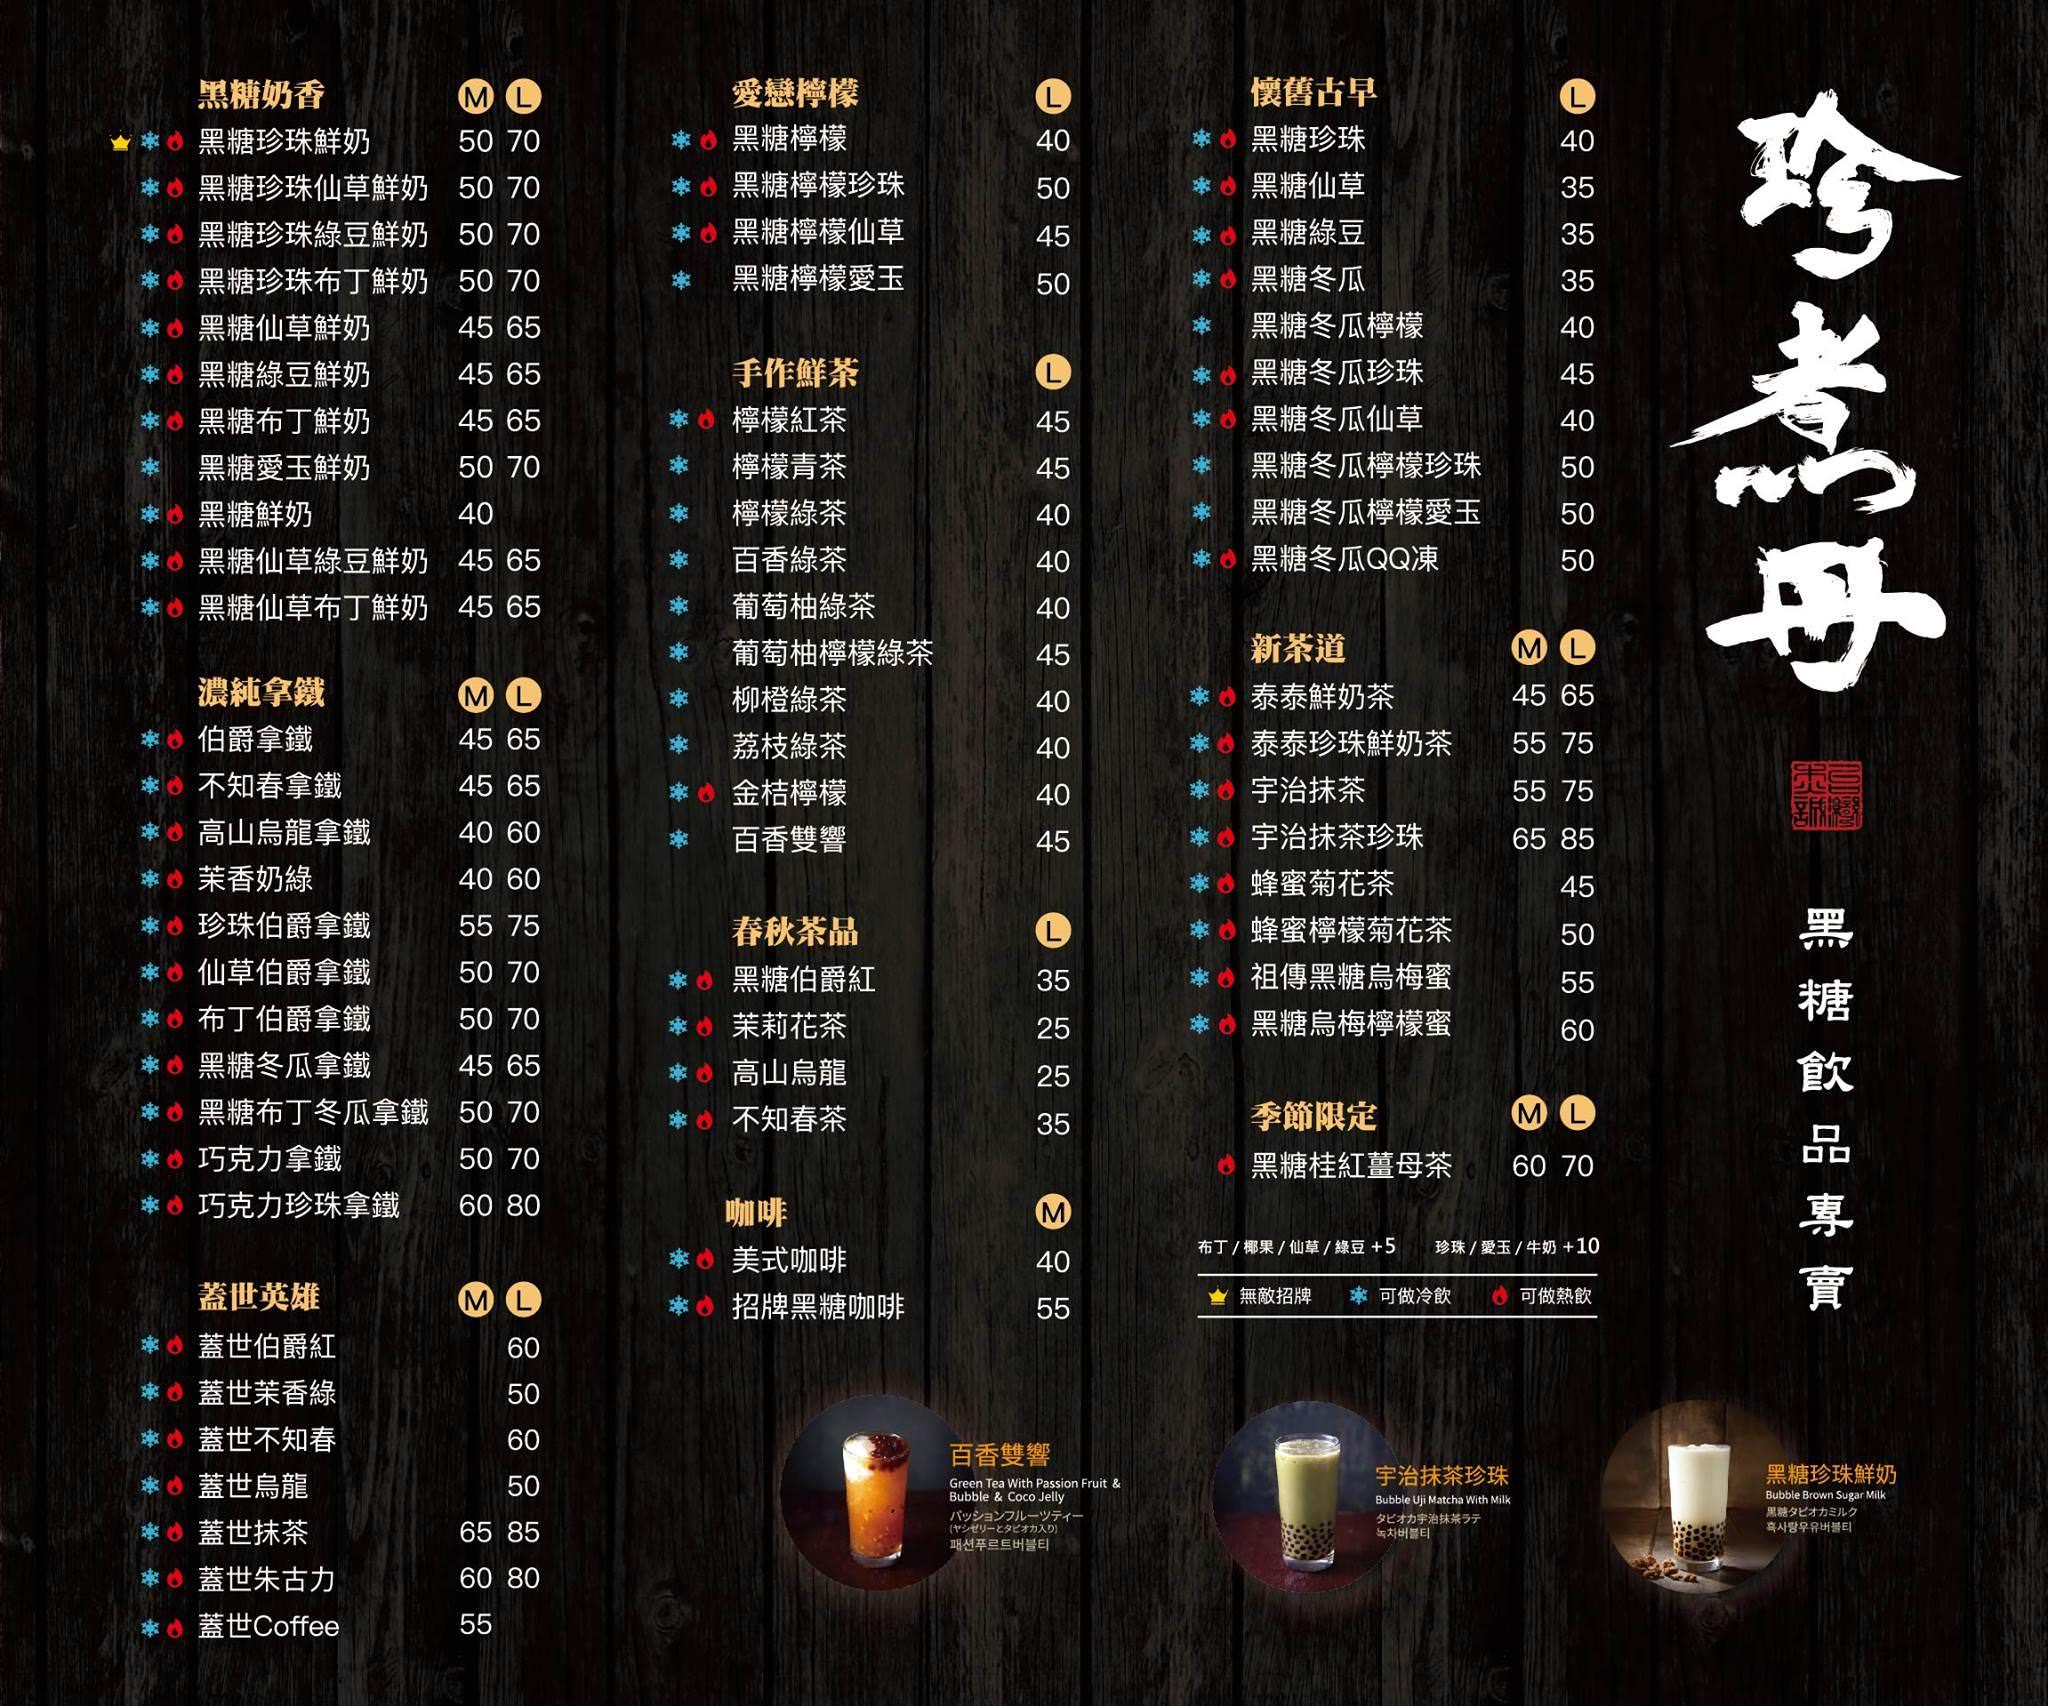 20180122164602 30 - 珍煮丹逢甲店,黑糖珍珠鮮奶魅力驚人,試賣就出現排隊人龍~